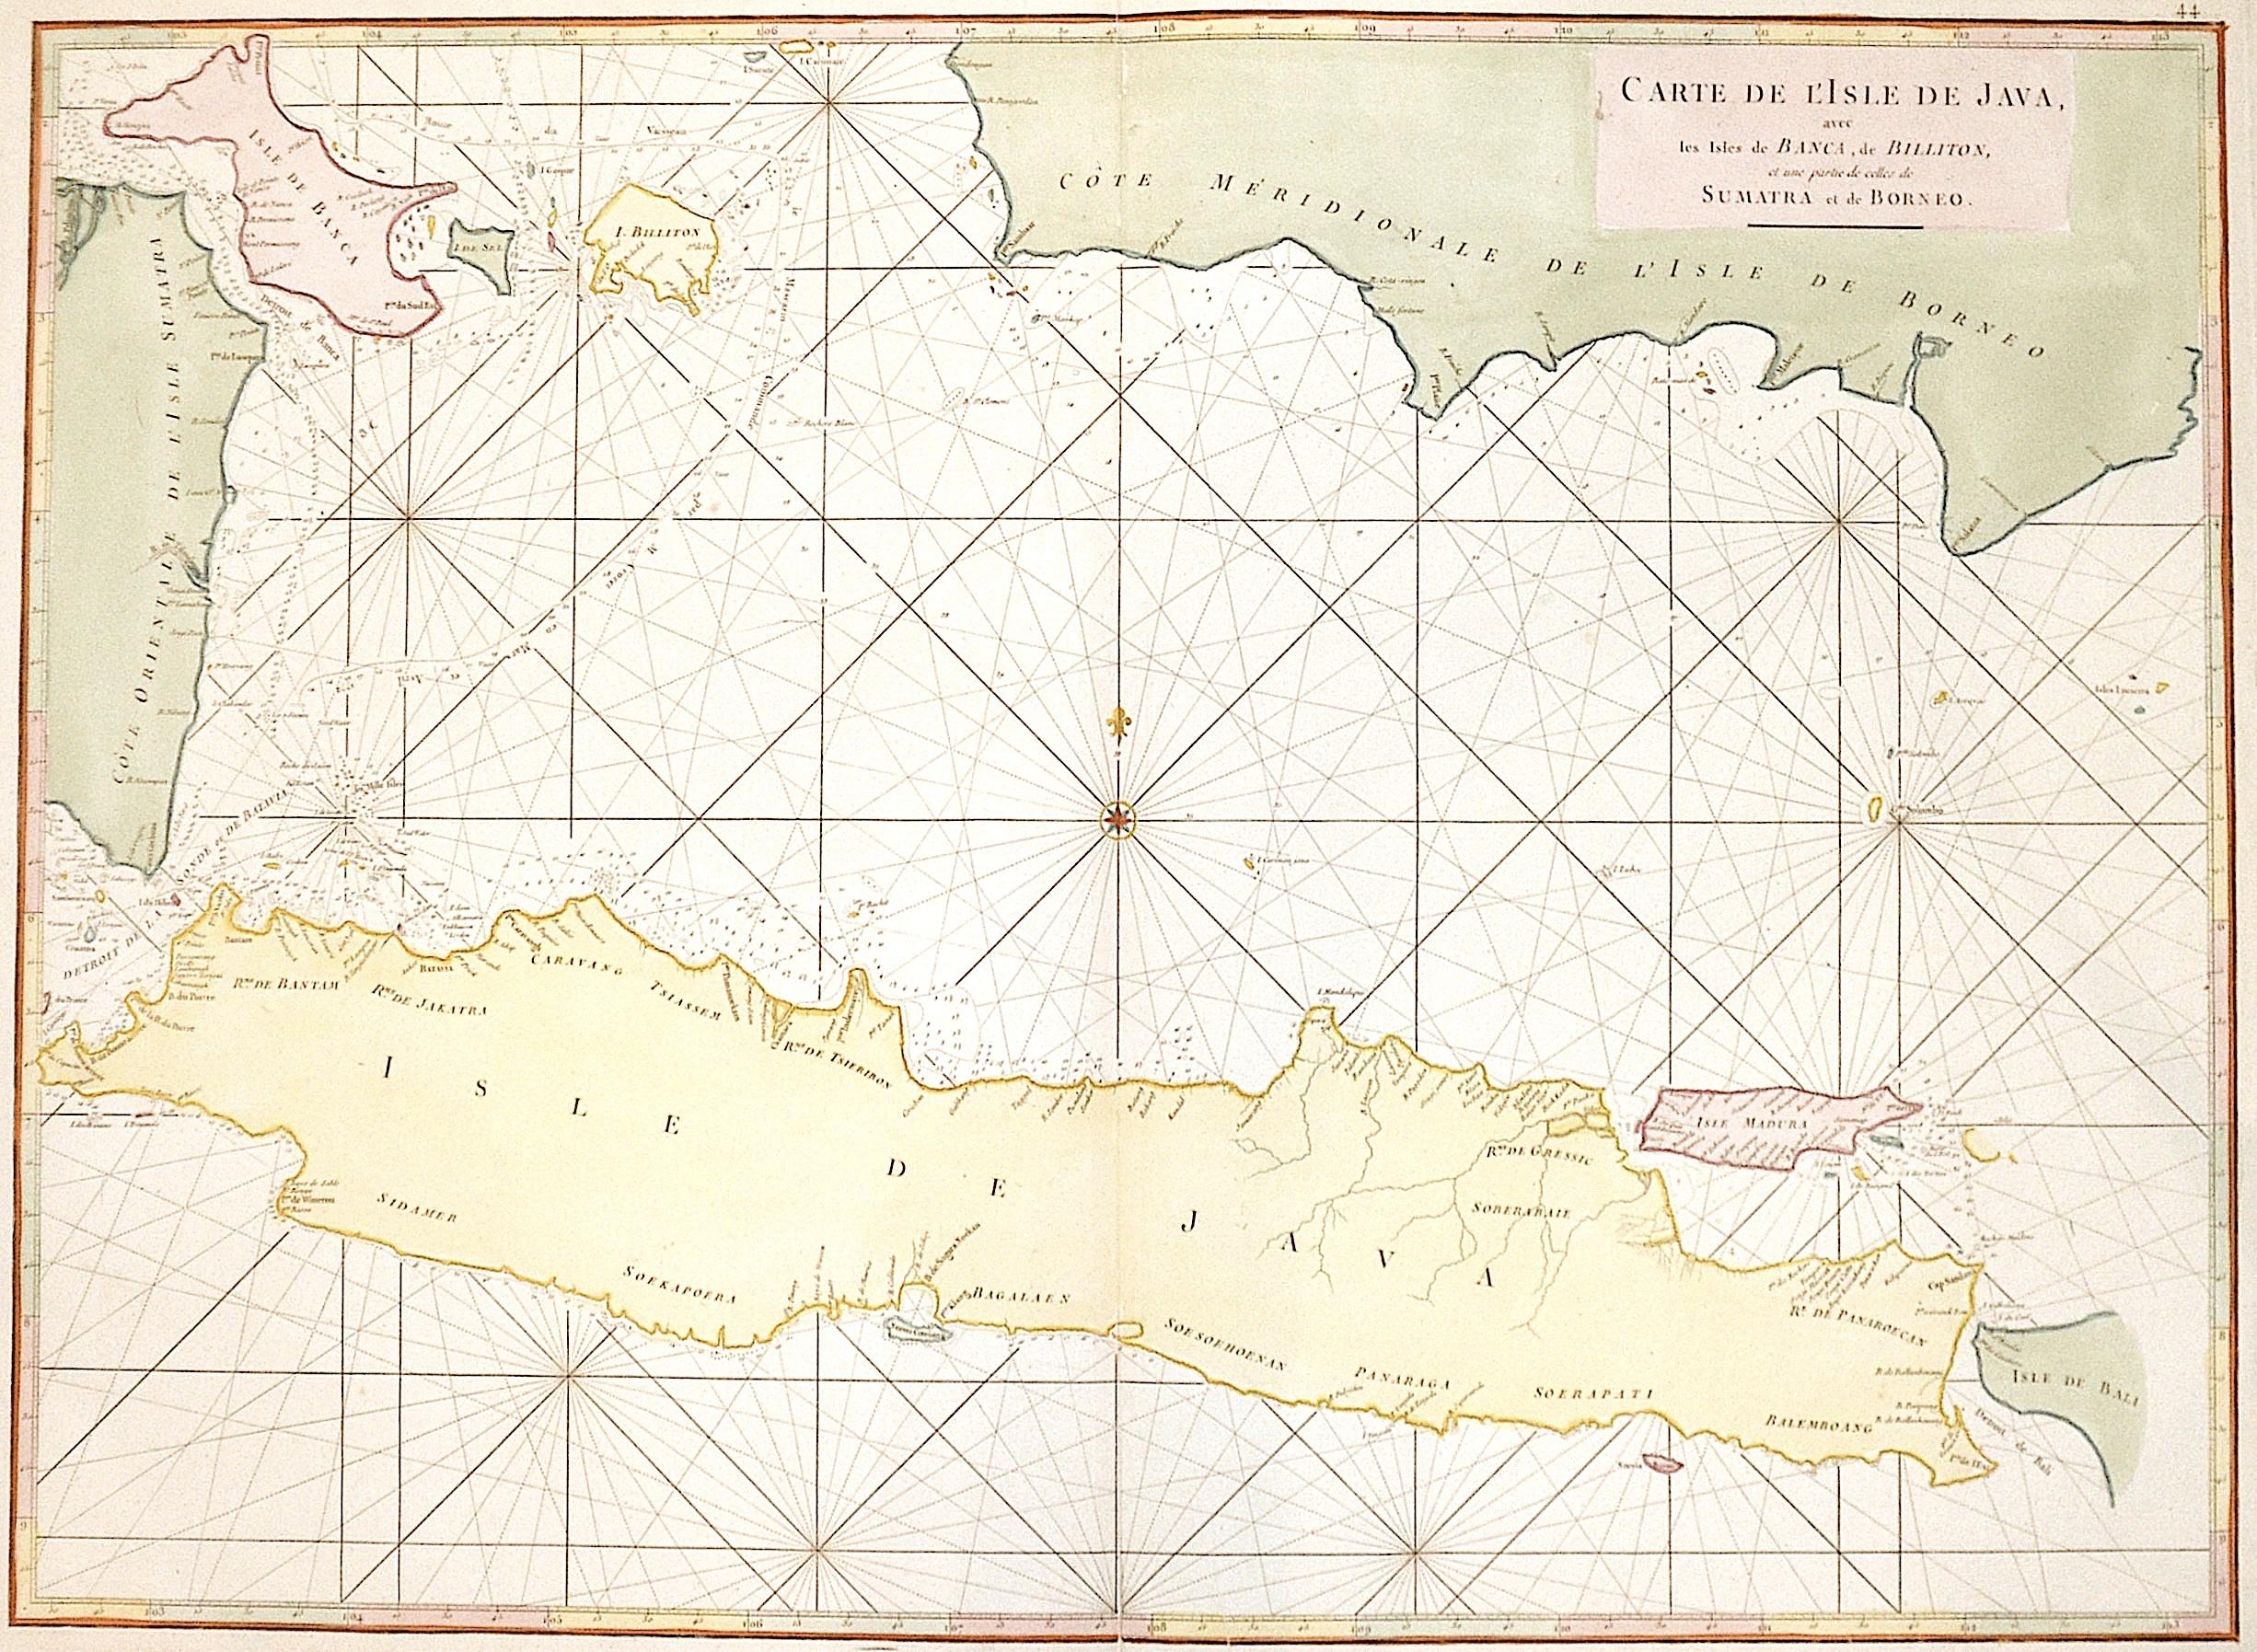 Mannevillette  Carte de l' Isle de Java